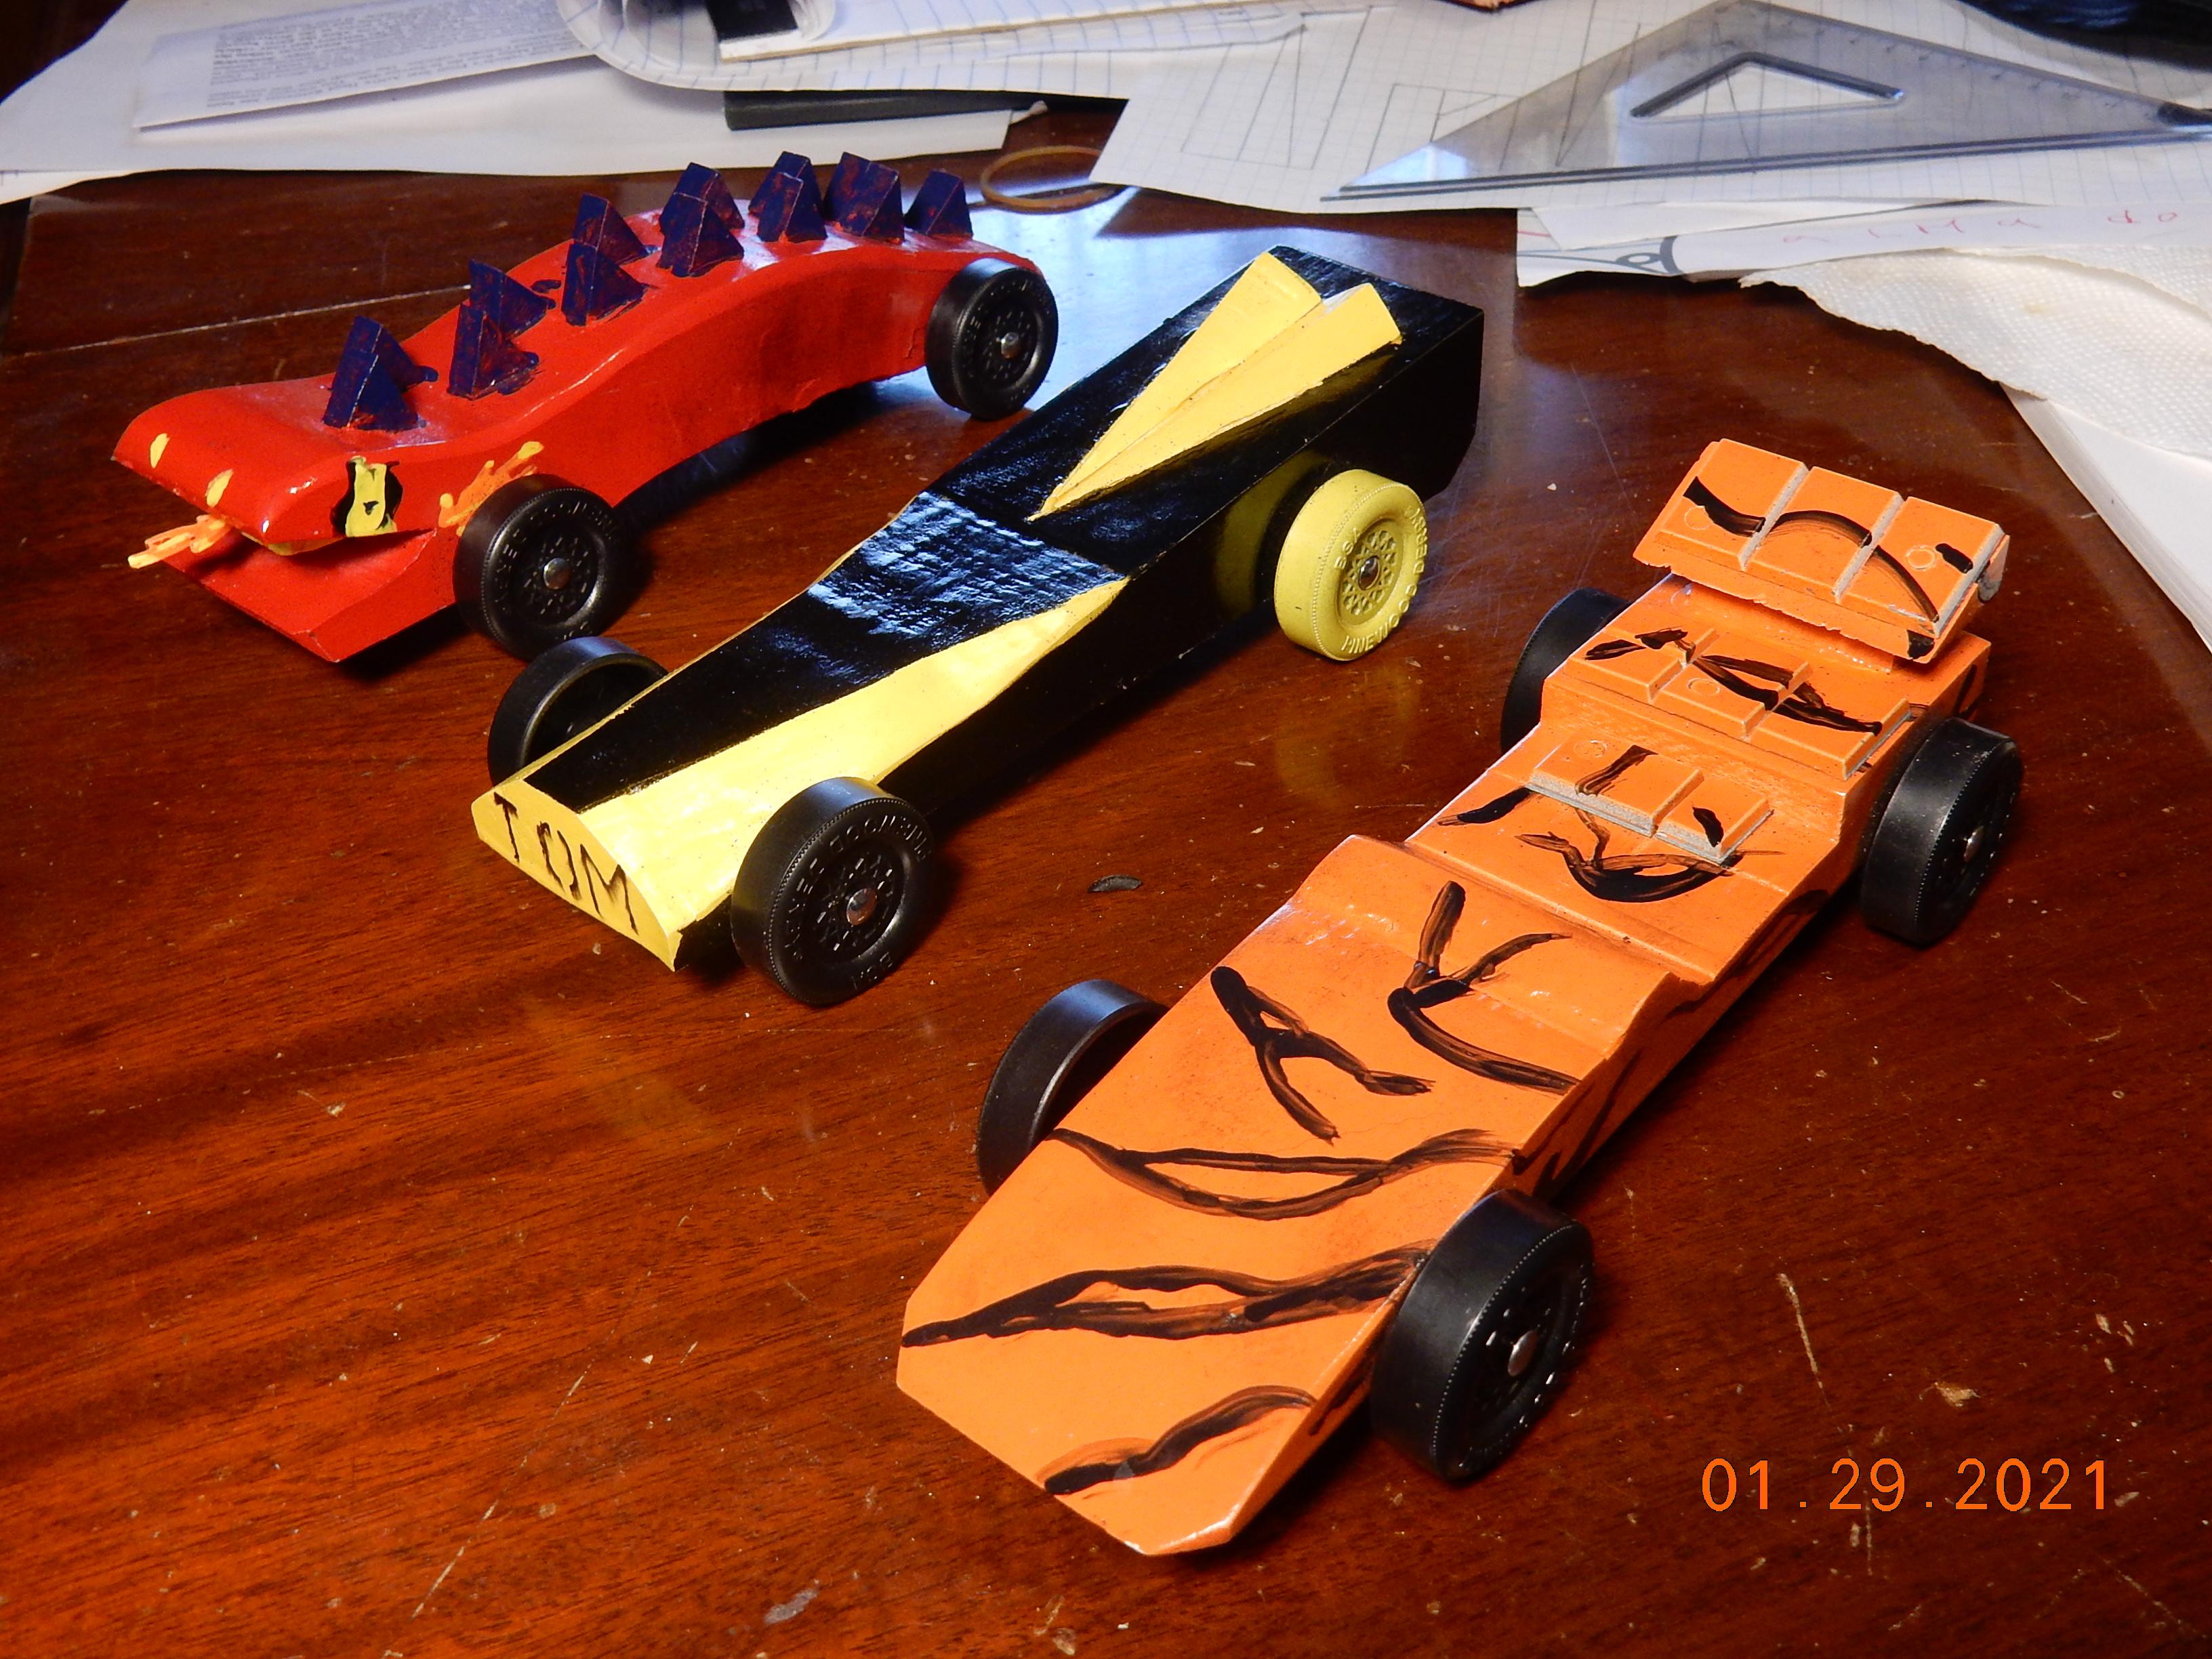 Fire Lizard, The Hornet, Tiger Car